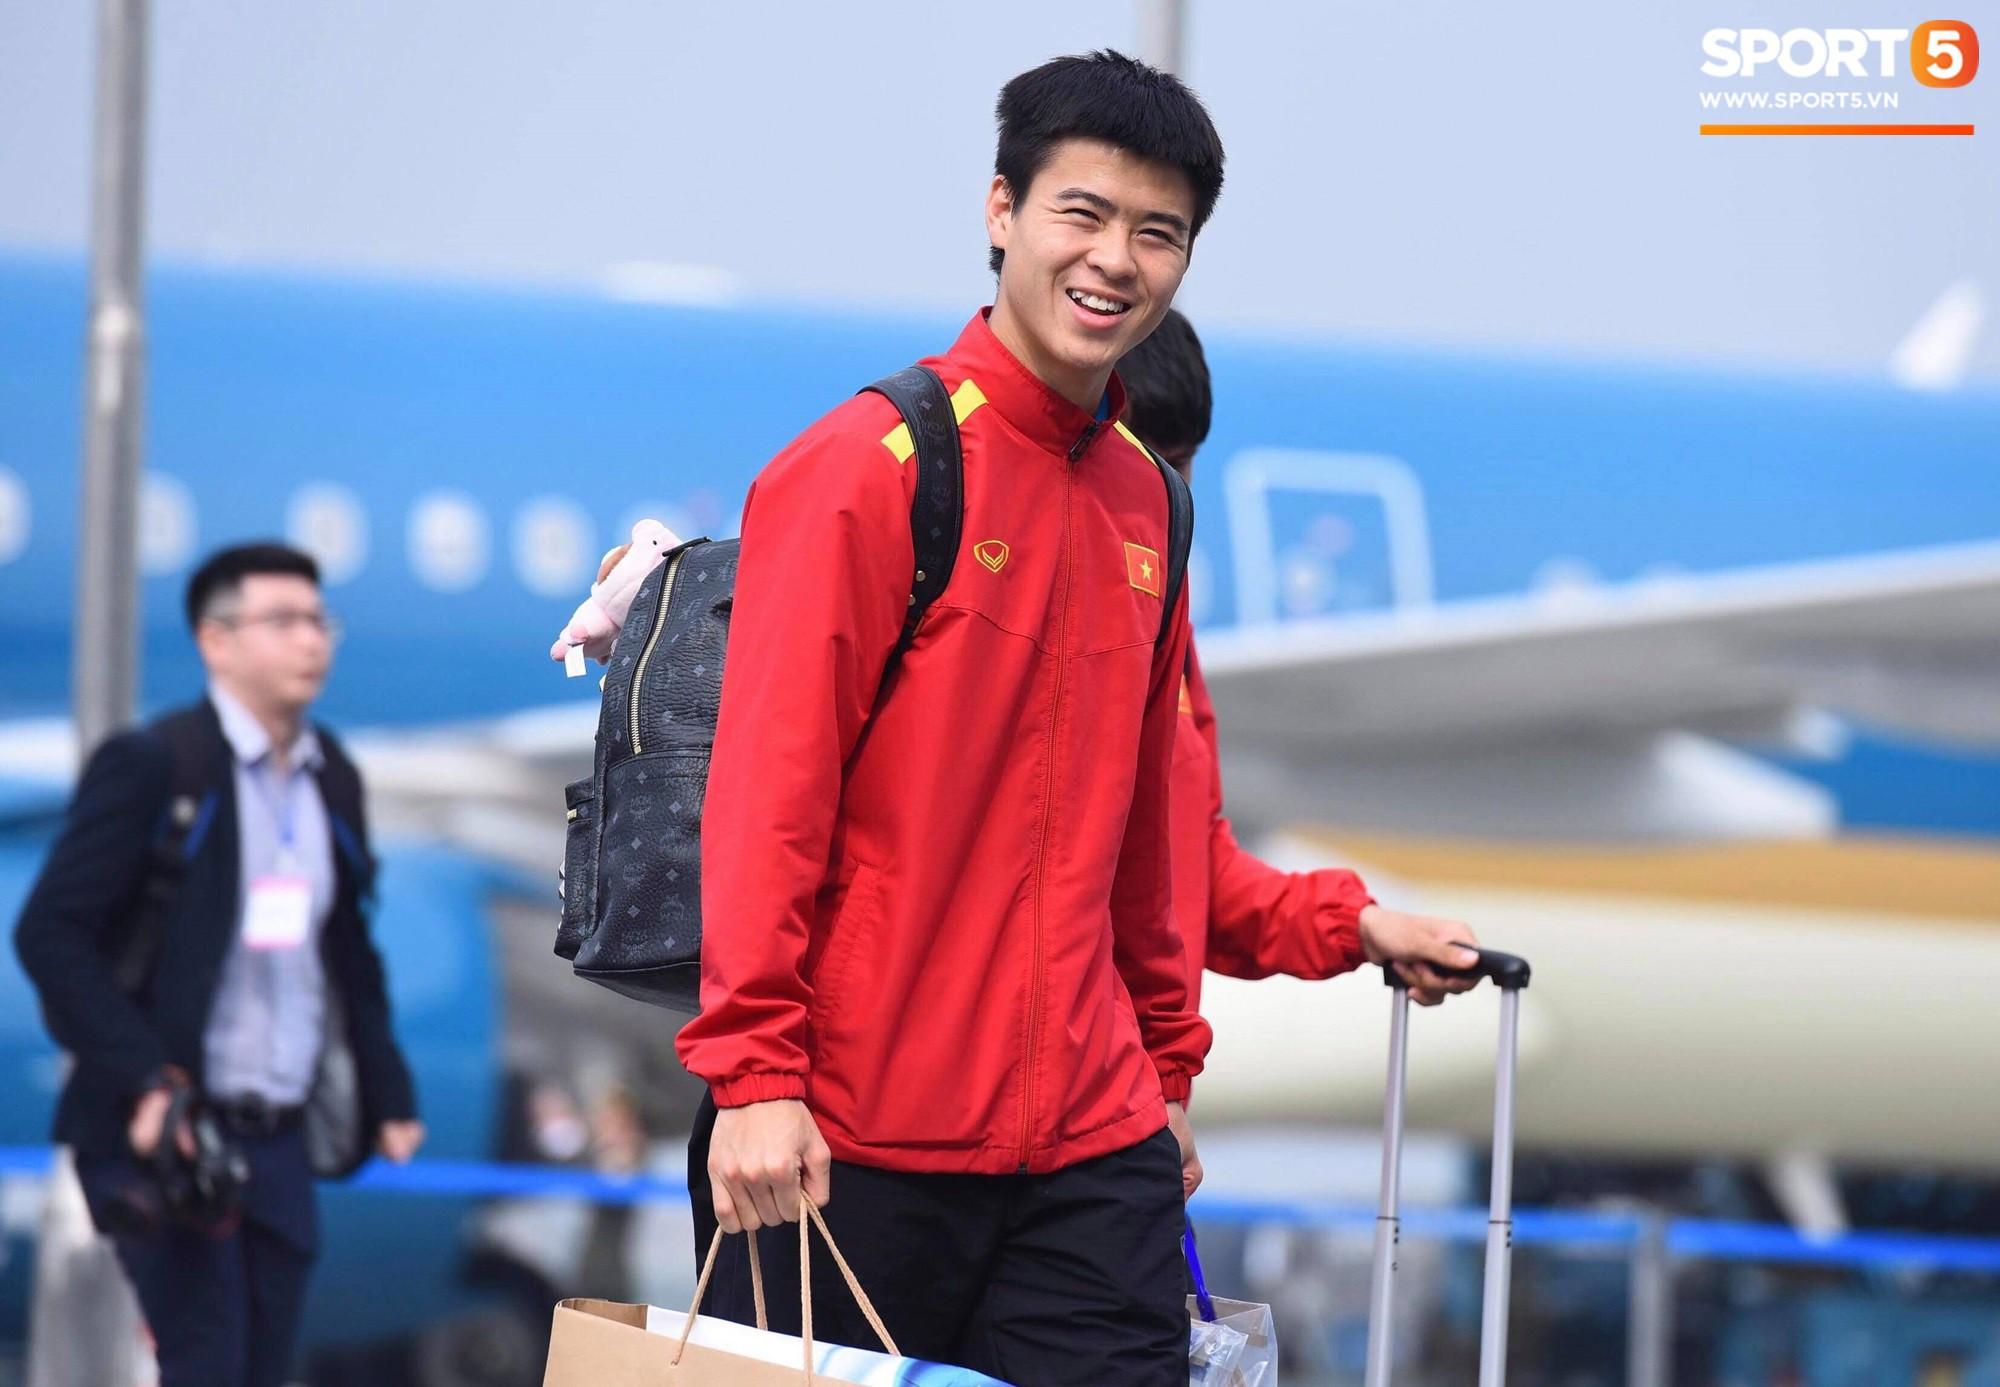 Đúng 14h15 máy bay chở đội tuyển Việt Nam đã hạ cánh xuống sân bay Nội Bìa. Ảnh: HP